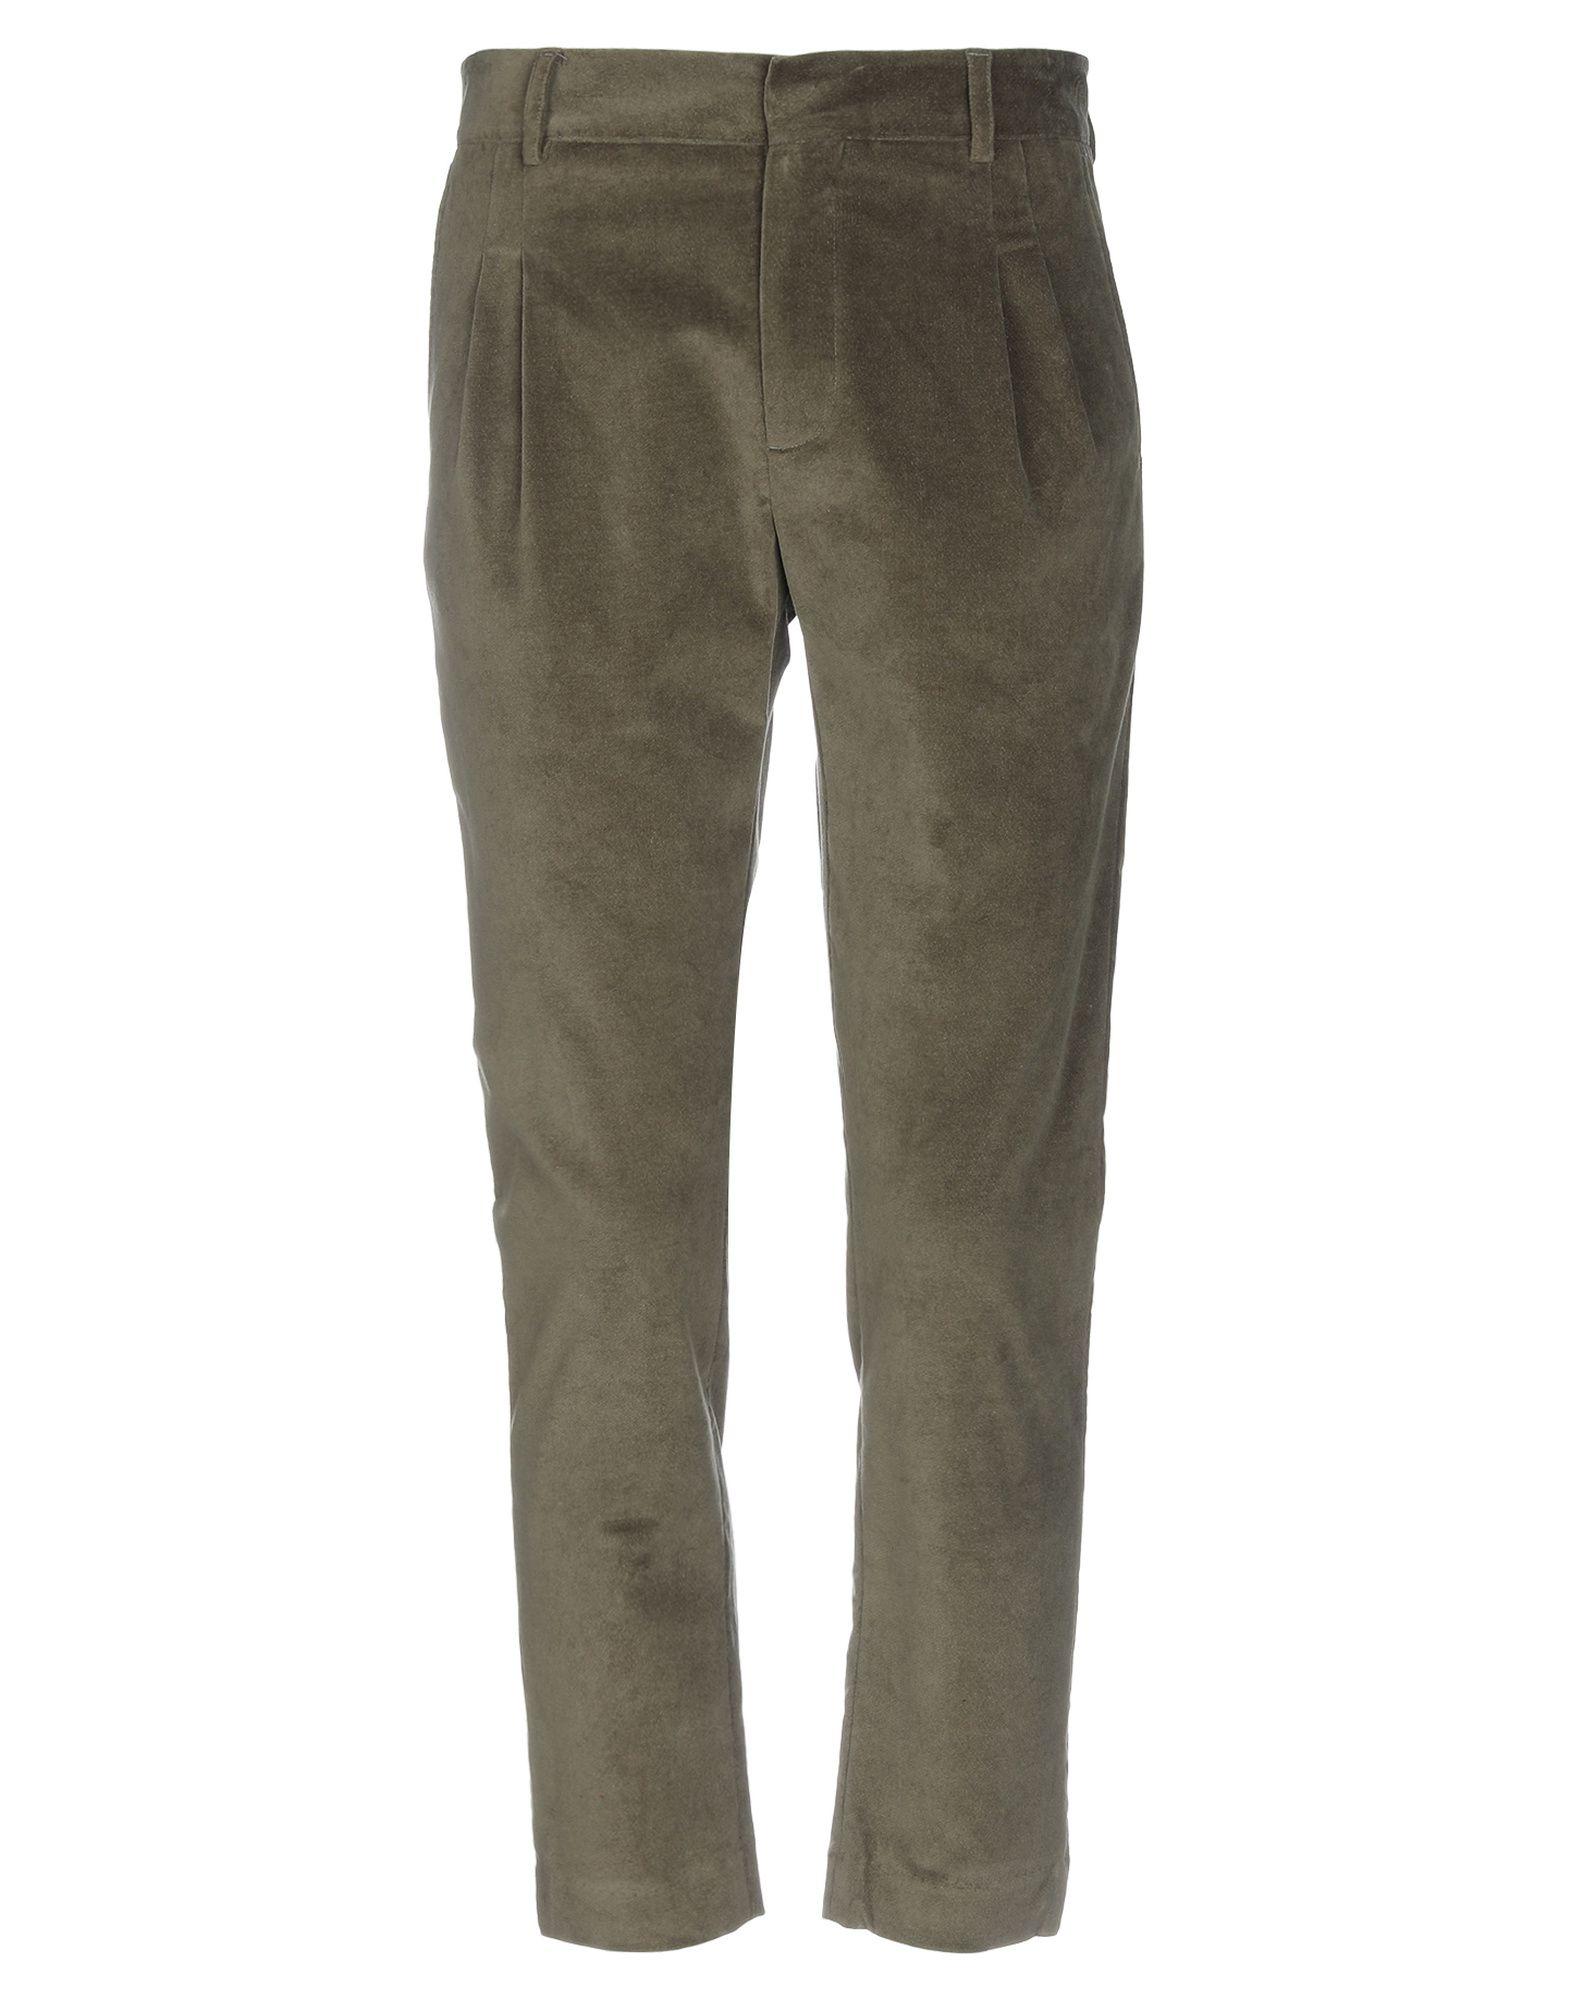 Pantalone Daniele Alessandrini herren - 13334232BK